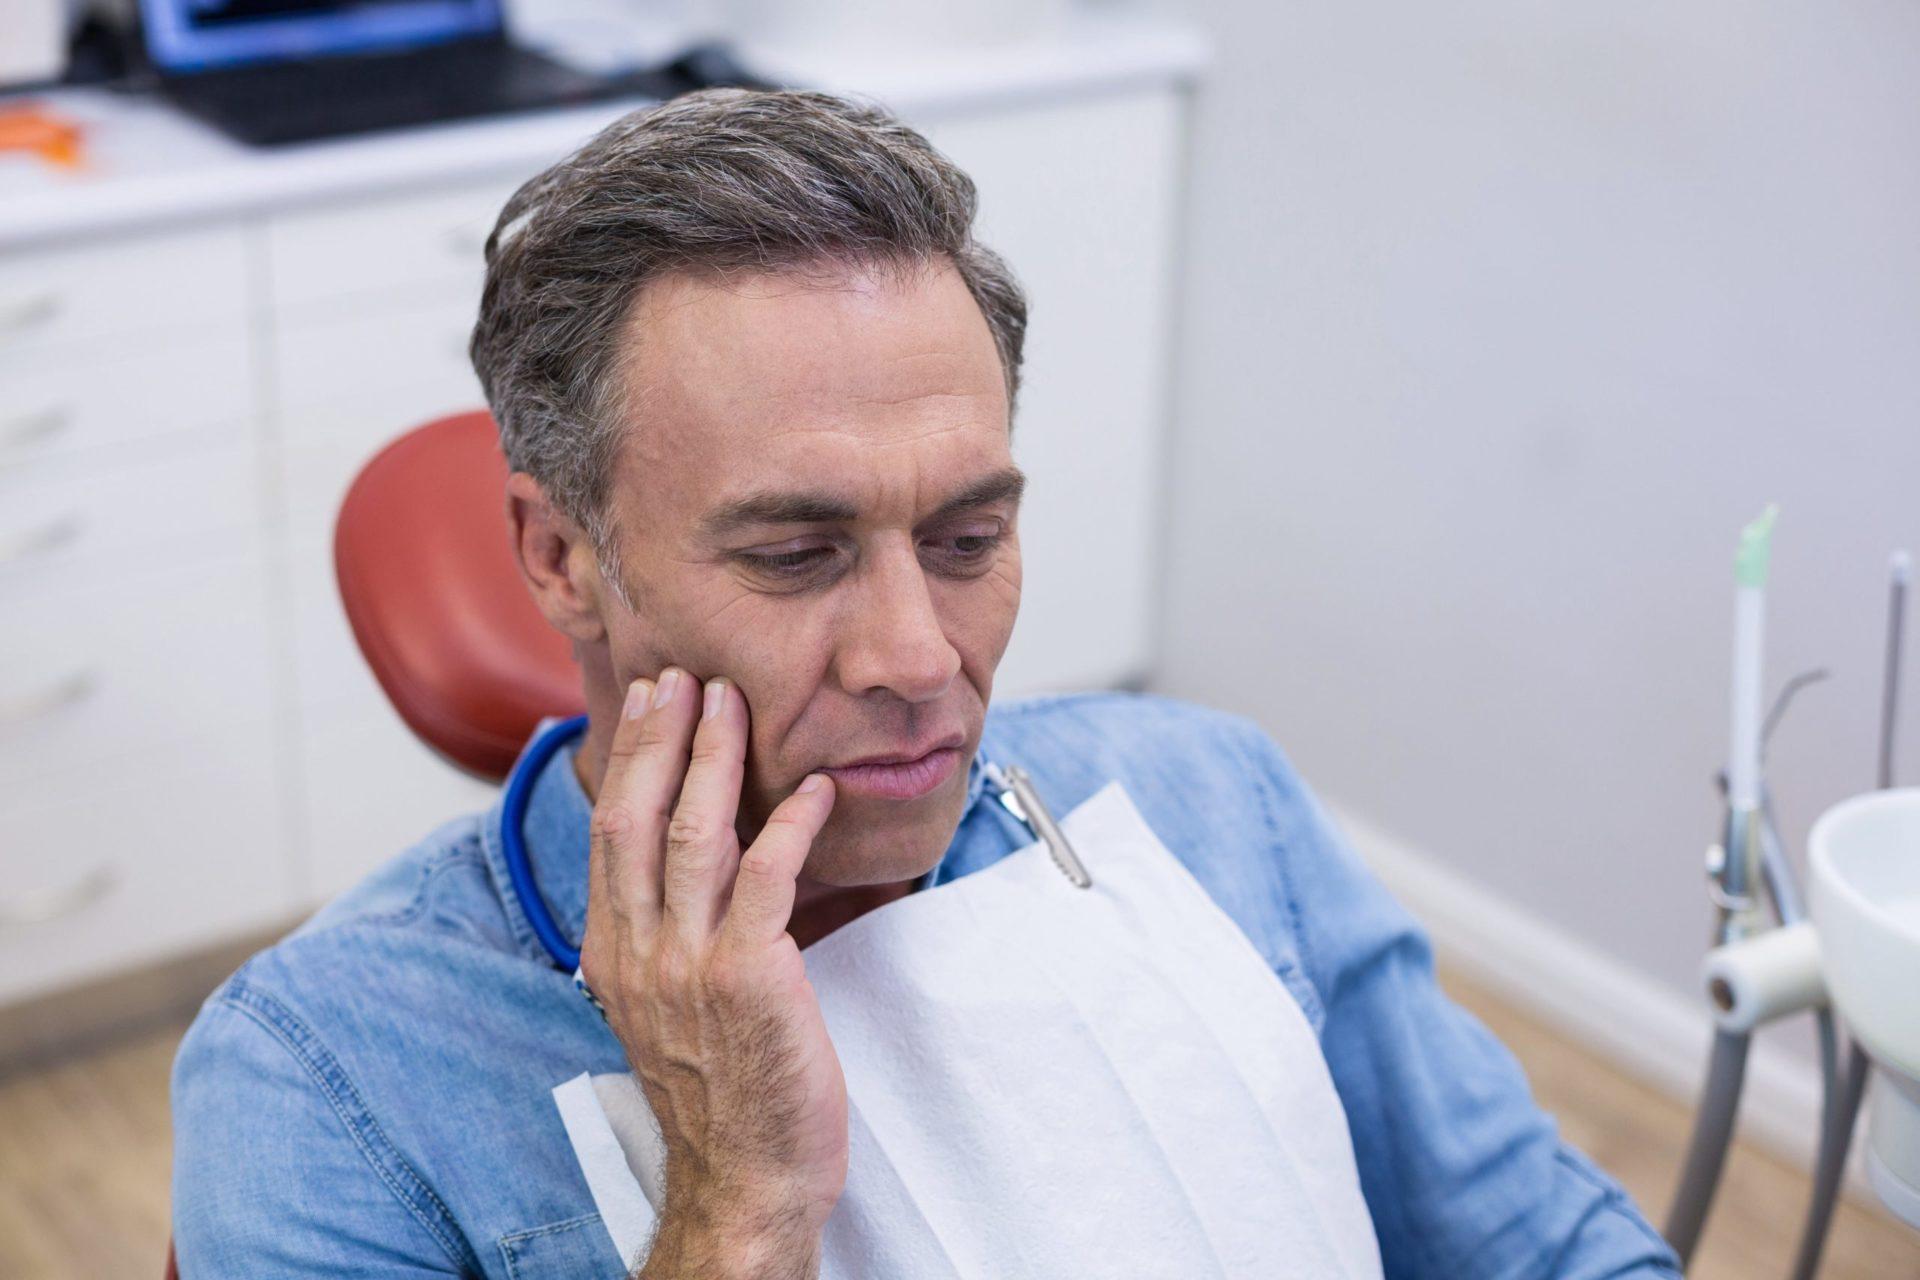 Qué es la parestesia facial y cómo tratarla